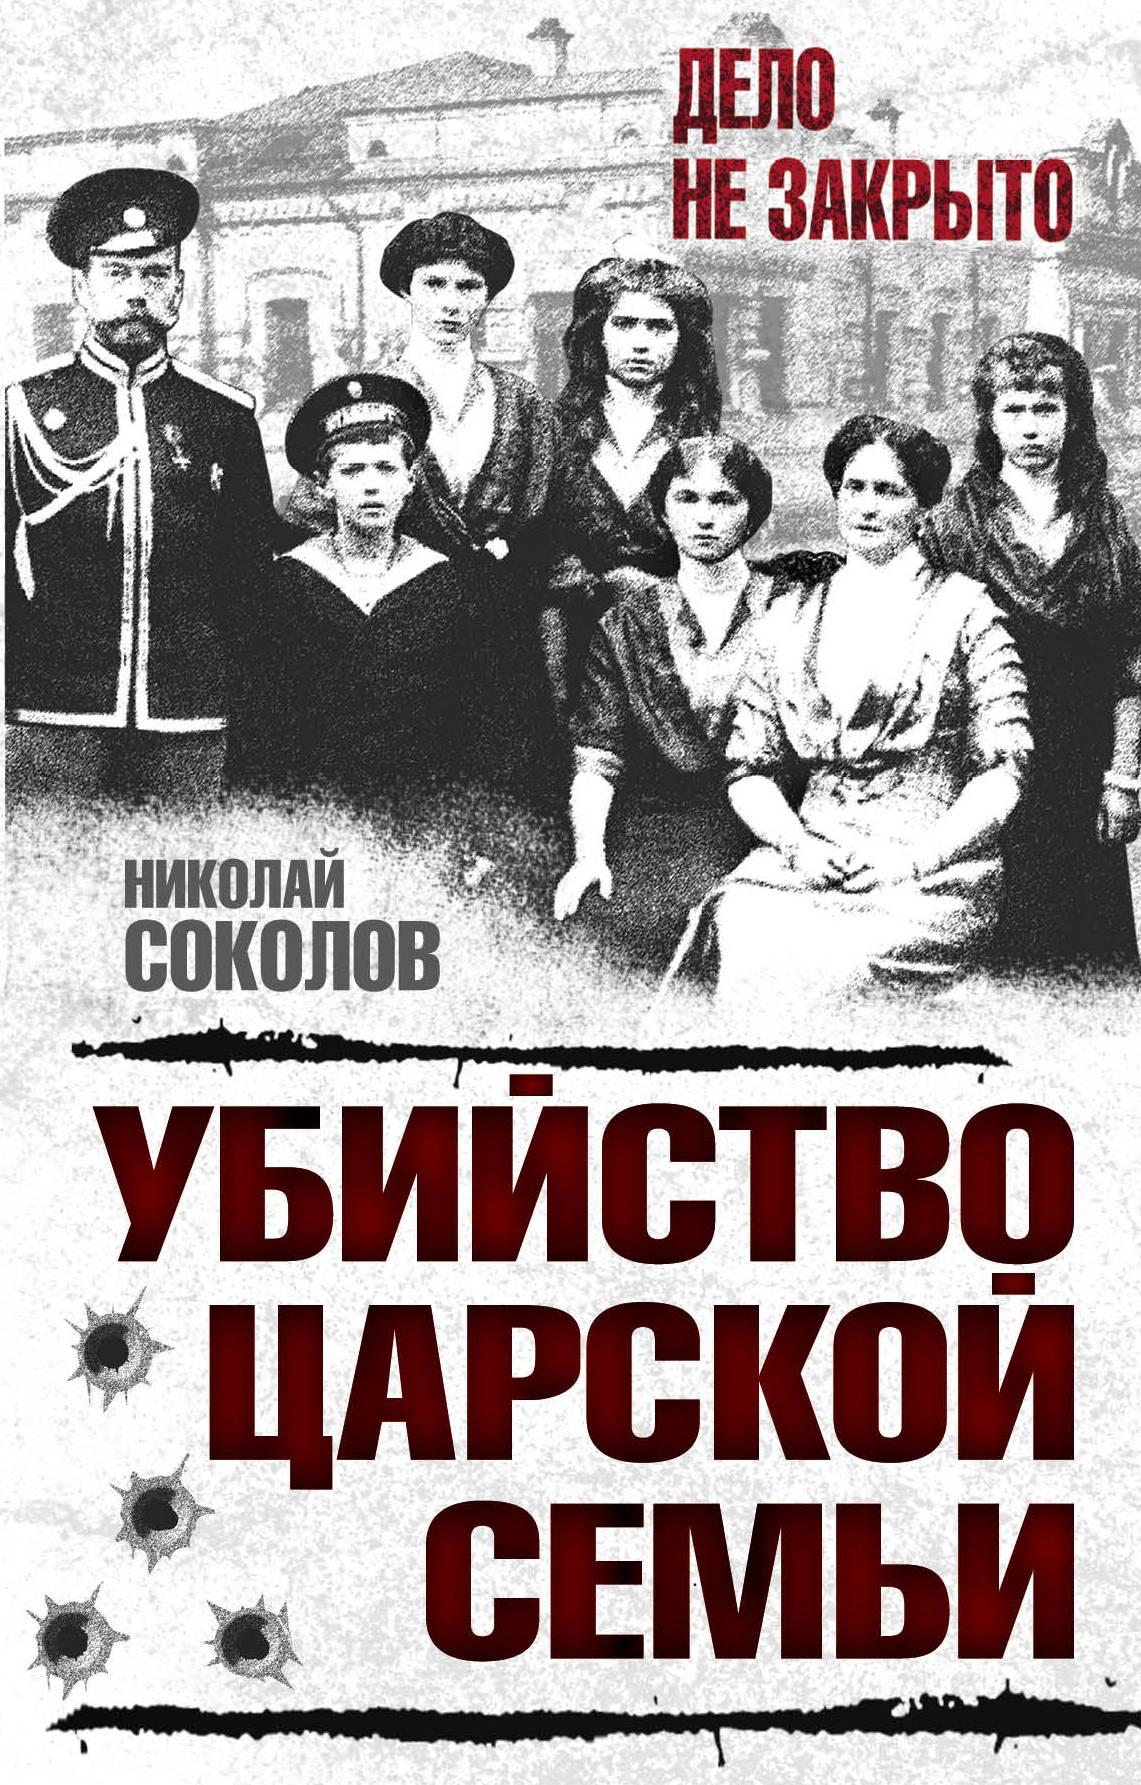 книги эксмо убийство царской семьи Николай Соколов Убийство царской семьи